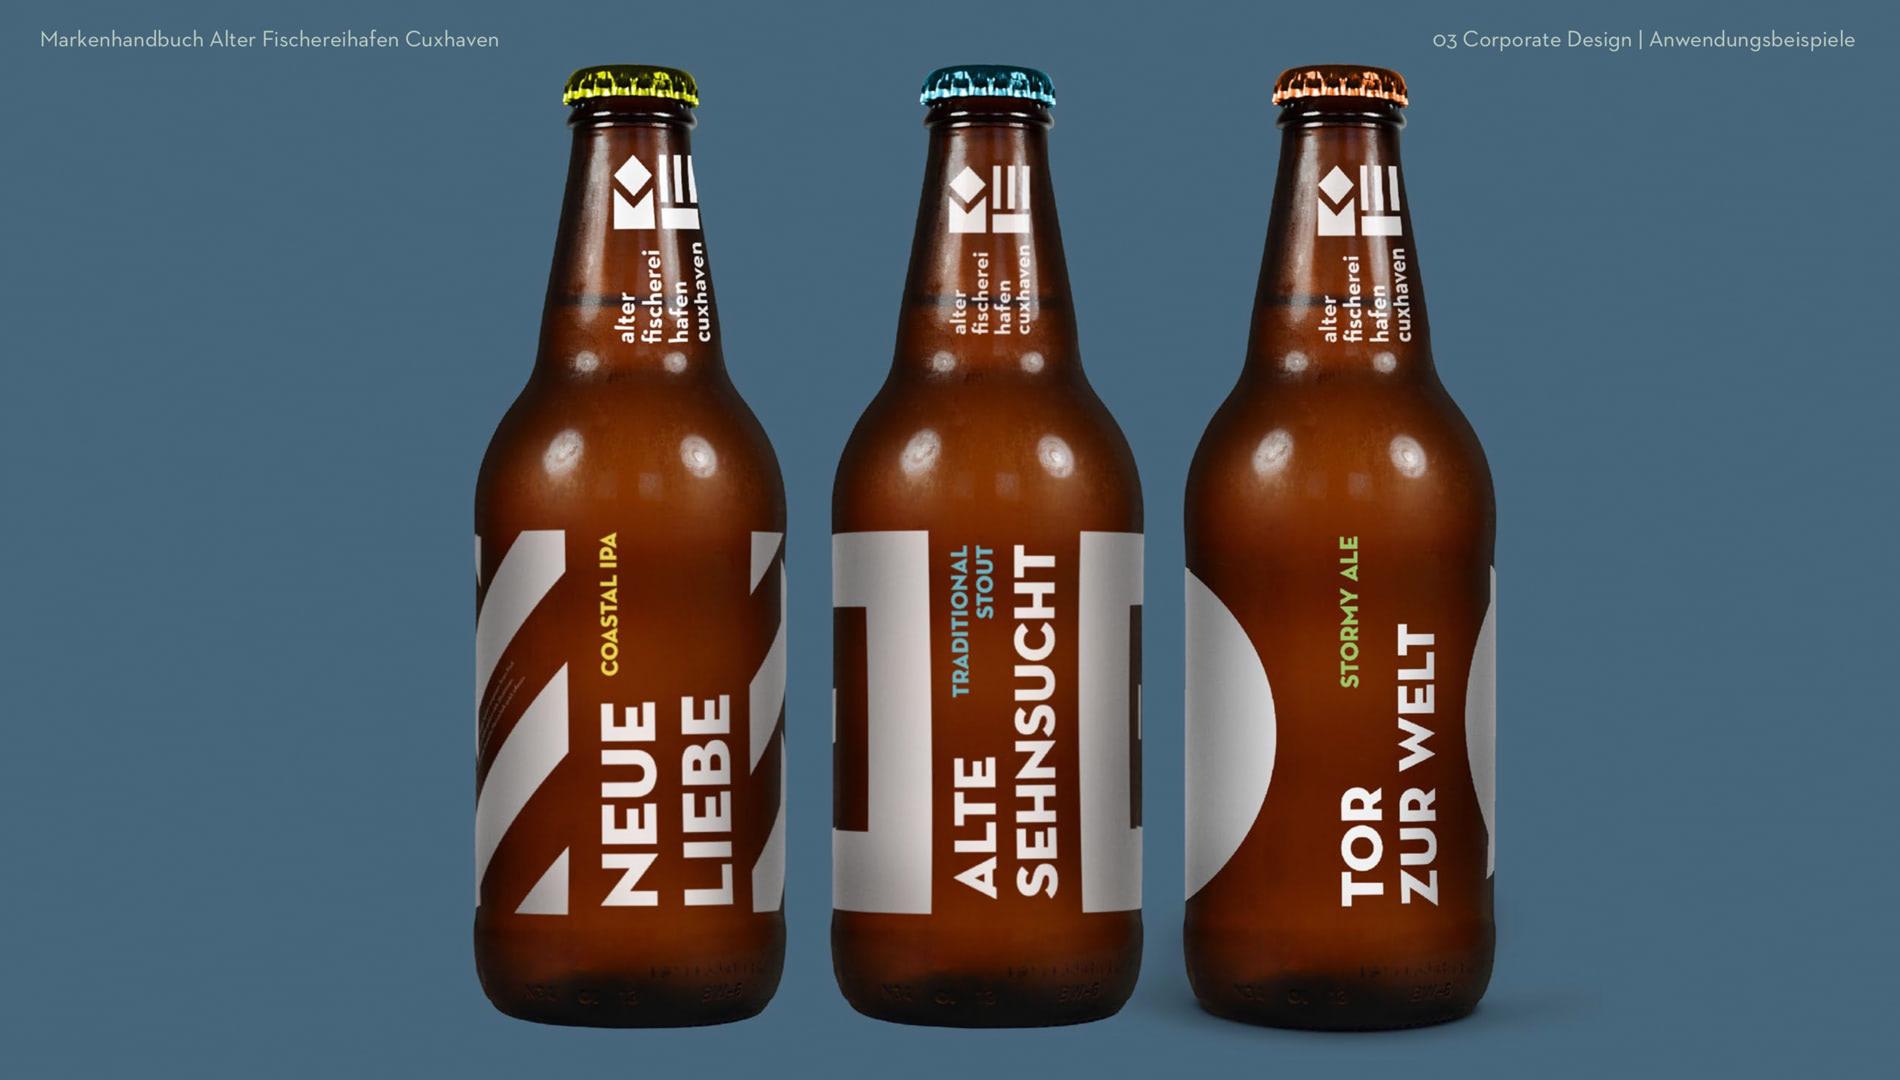 Markenentwicklung Corporate Design Alter Fischereihafen Cuxhaven Markenkonzept Markenhandbuch Bierflaschen Going Places